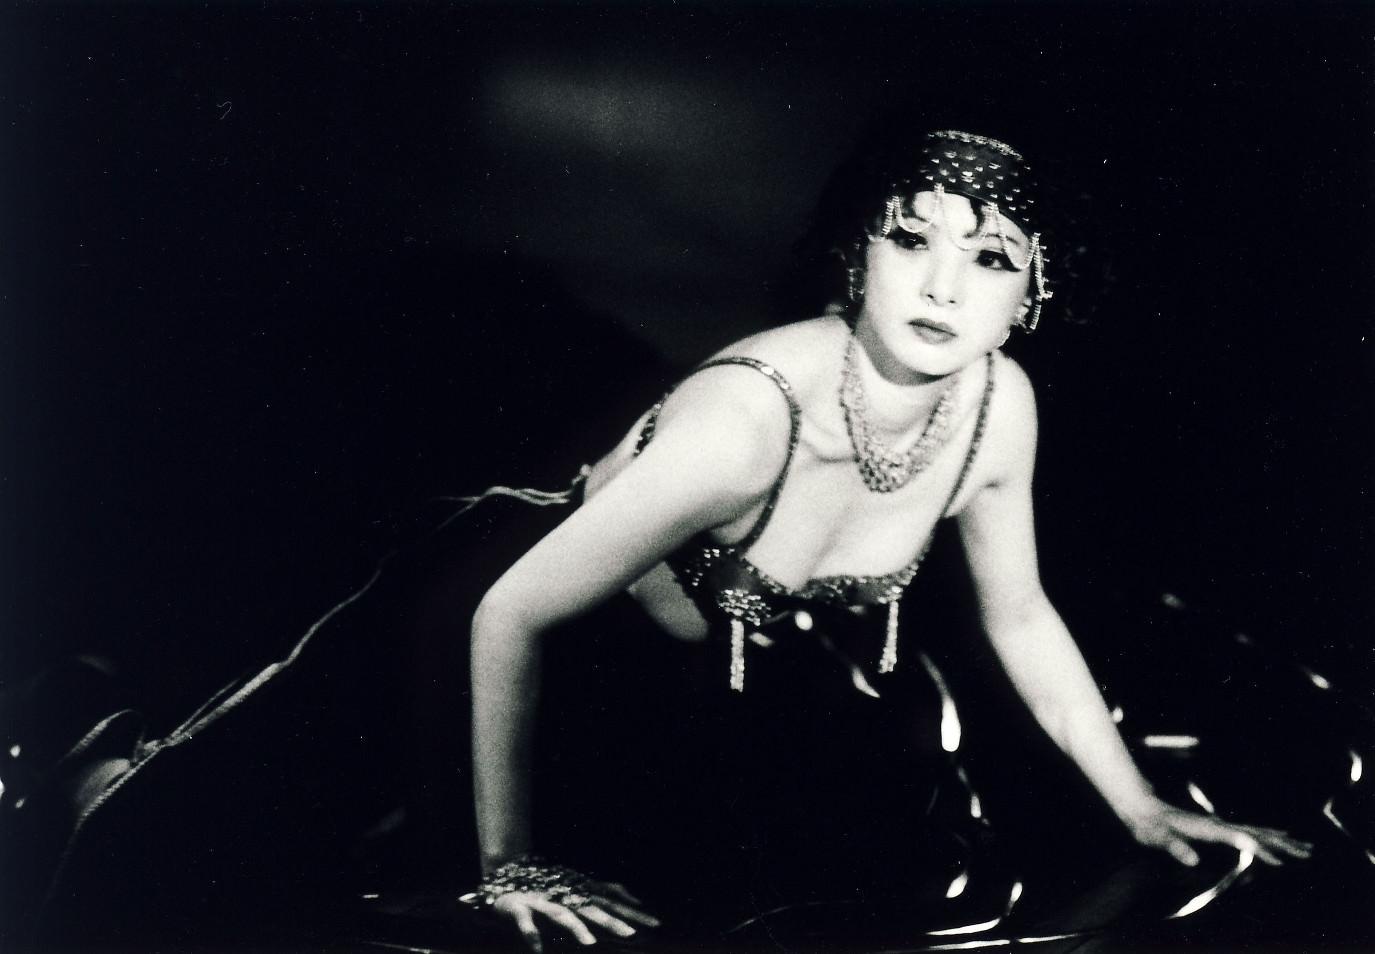 ク・ナウカ『サロメ』 1991年 写真提供:ク・ナウカ